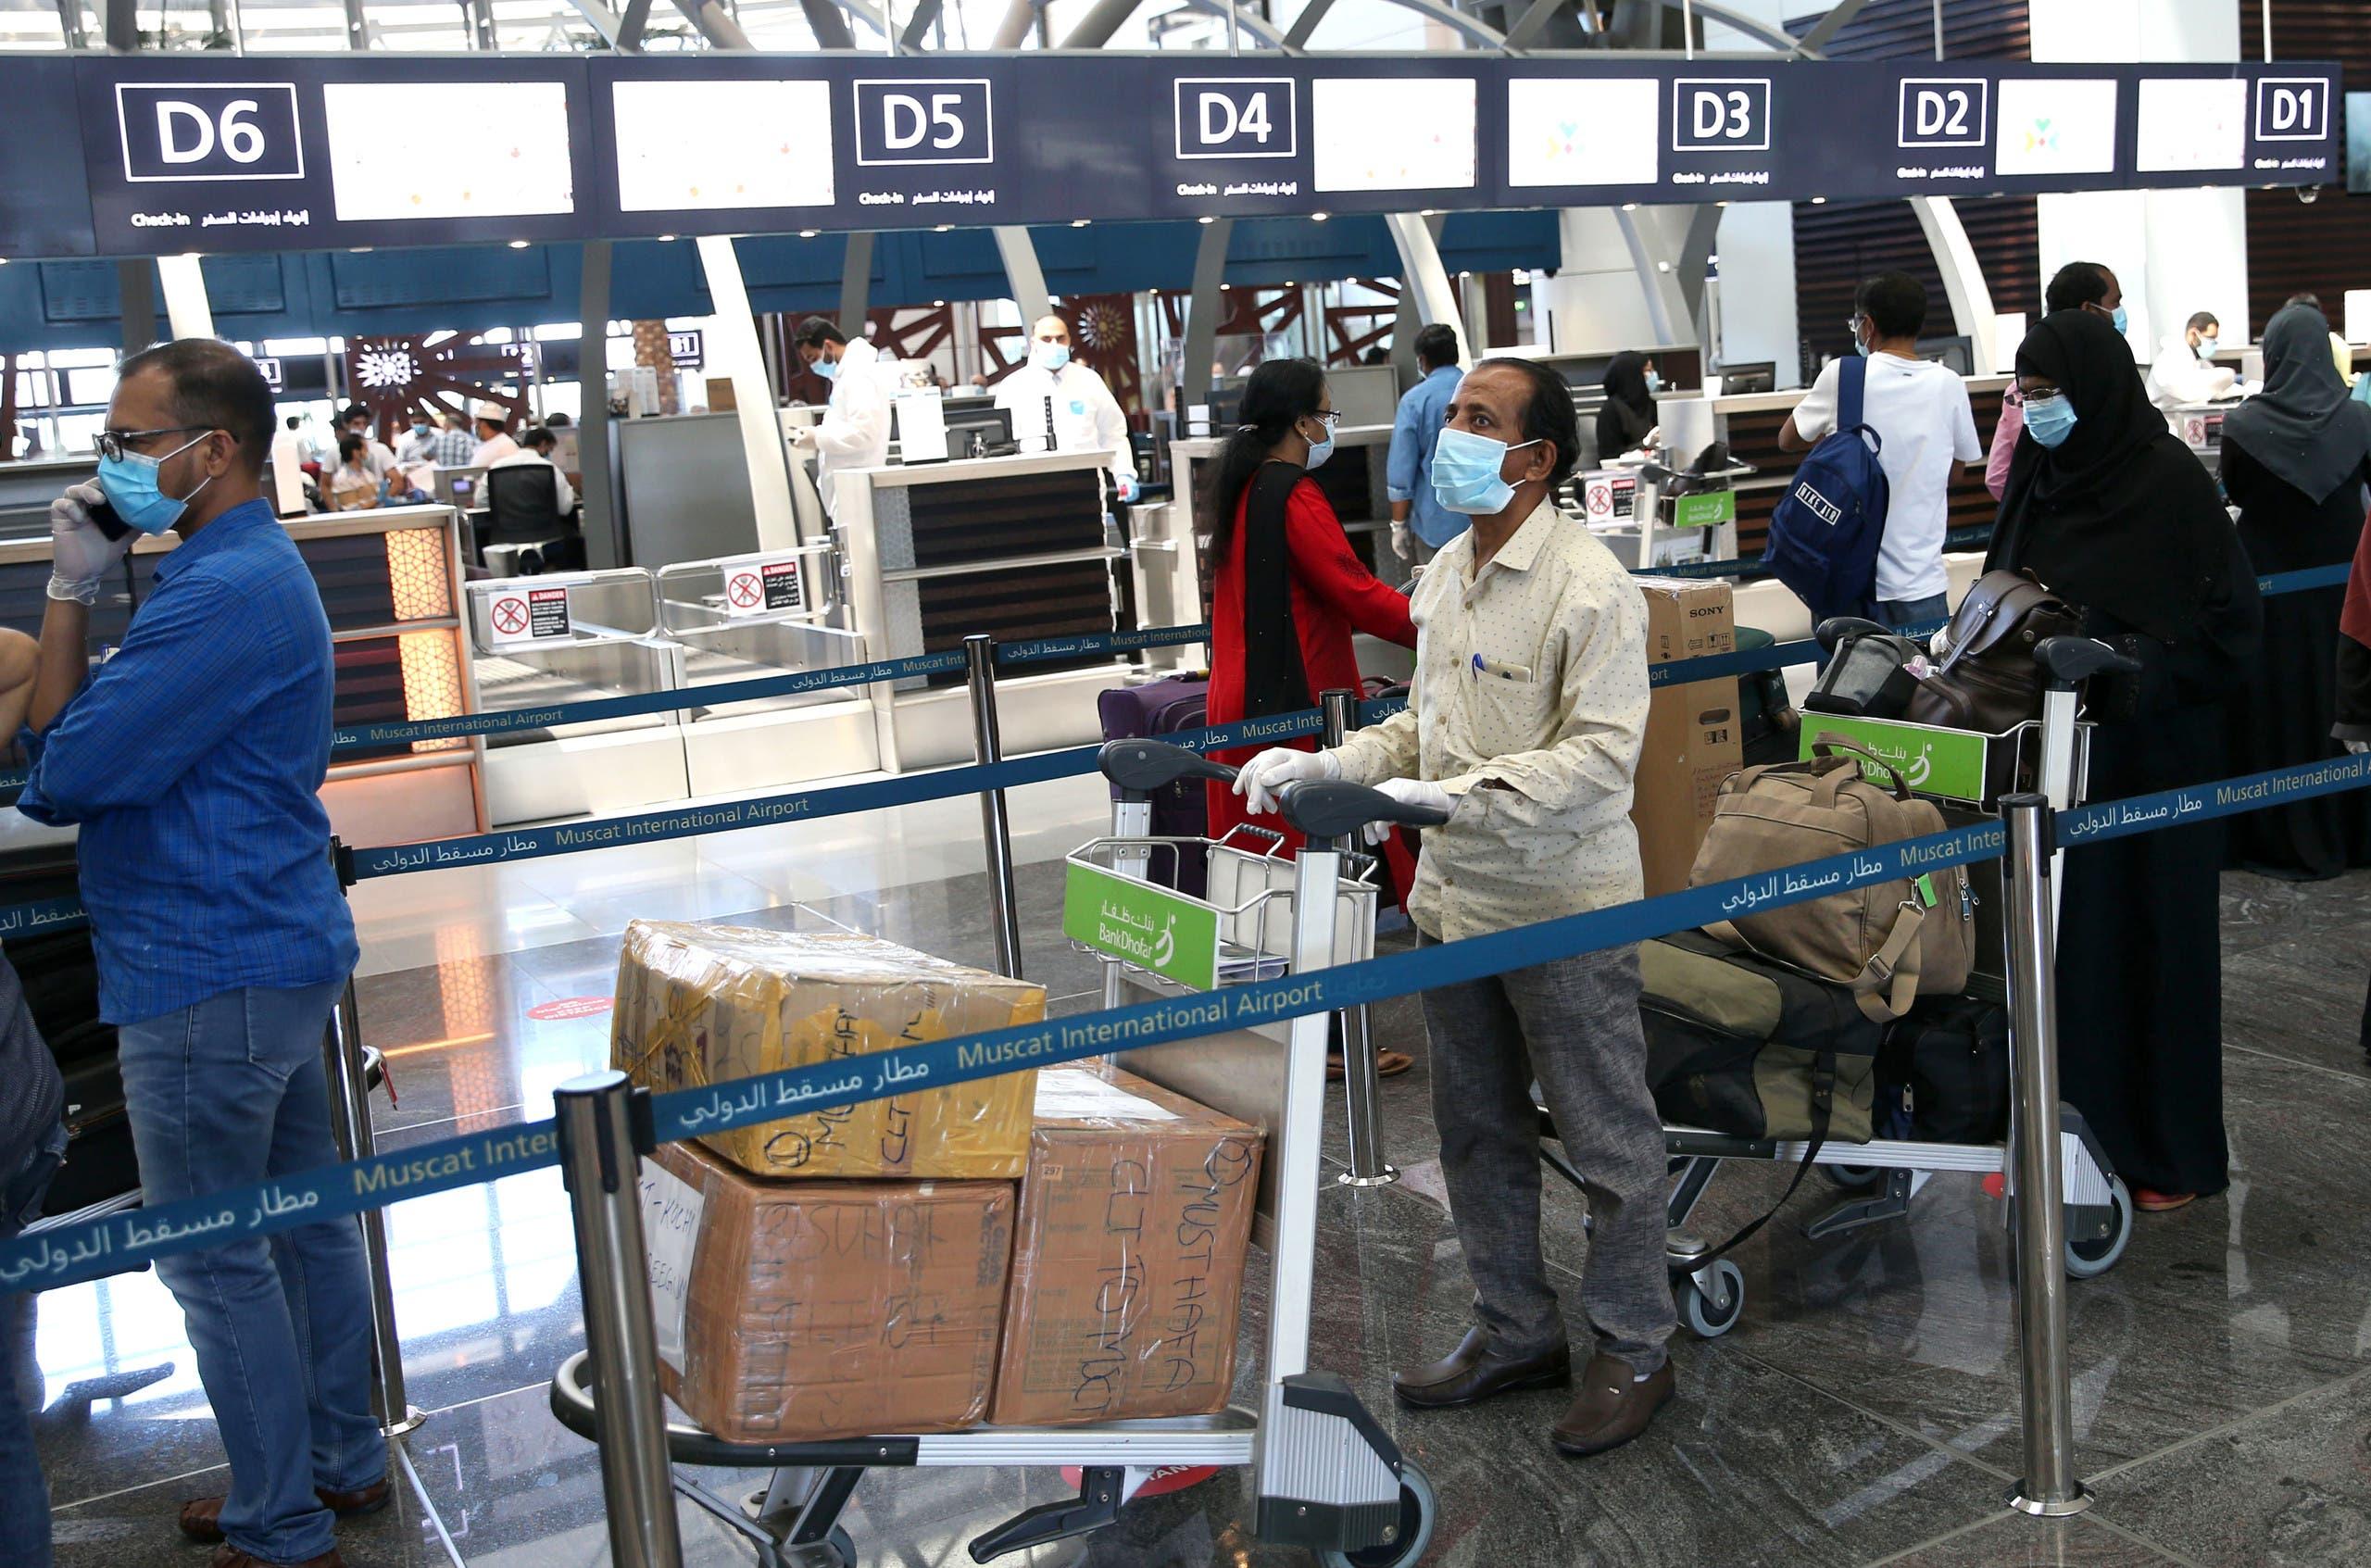 إجلاء مواطنين هنود لبلادهم من مطار مسقط بسبب فيروس كورونا